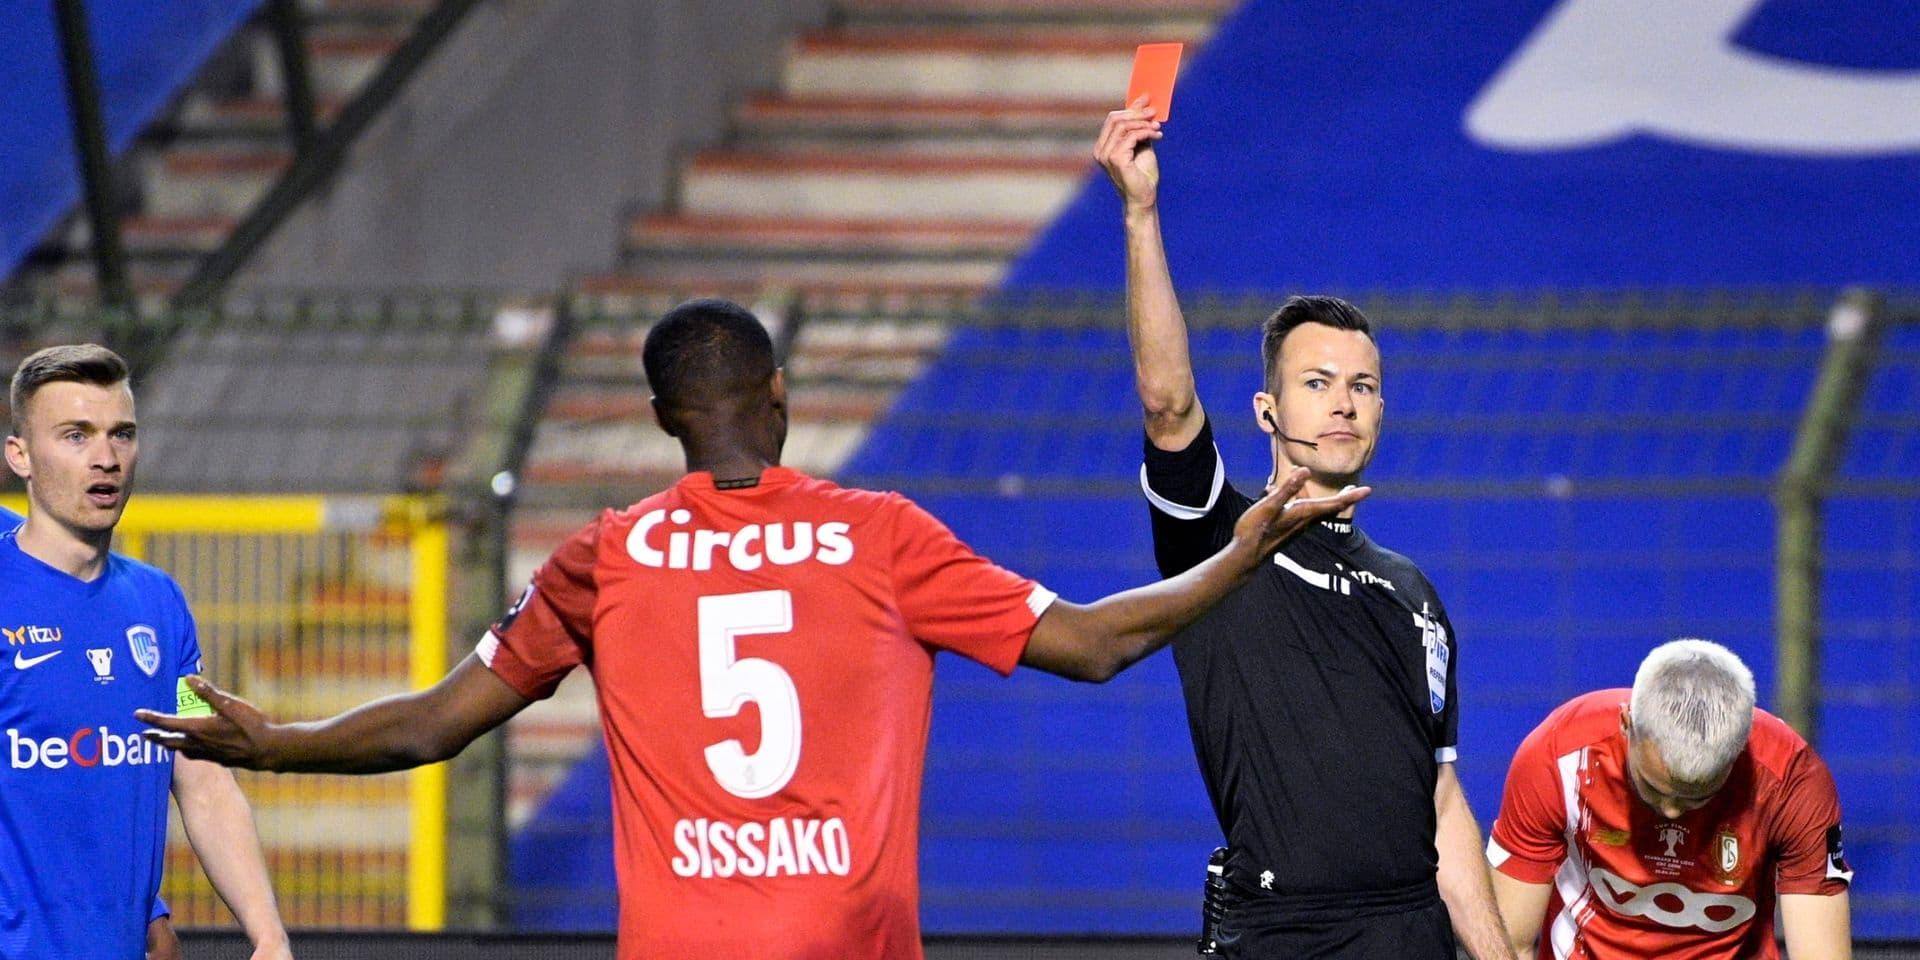 Sissako écope de deux matchs de suspension après sa carte rouge contre Genk